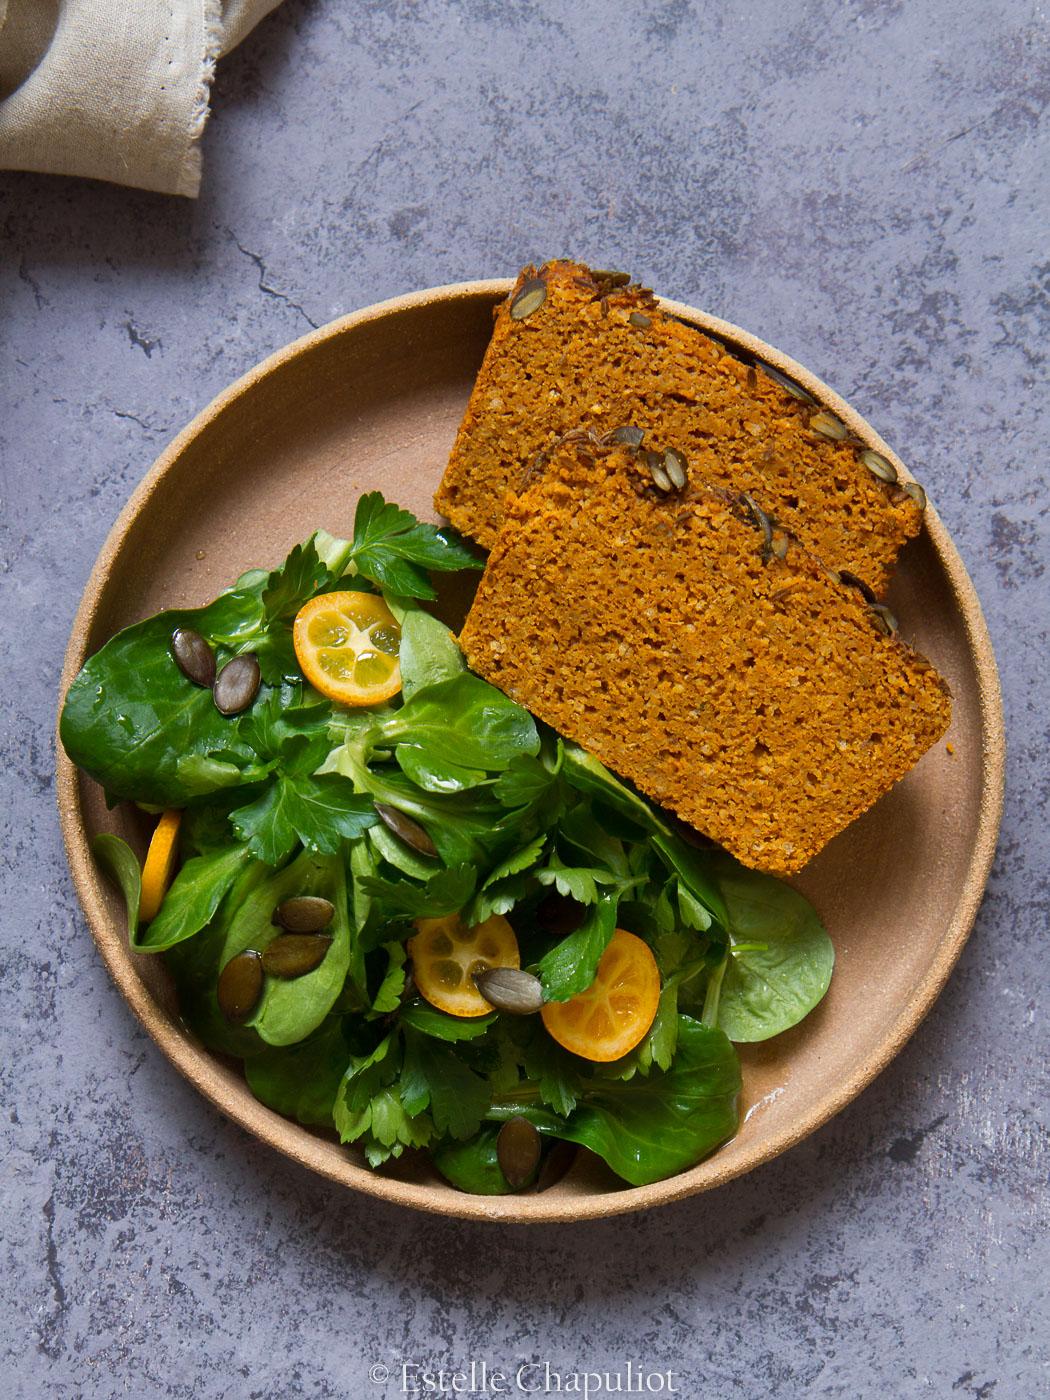 Cake aux lentilles corail et au curry façon dhal (vegan et sans gluten)